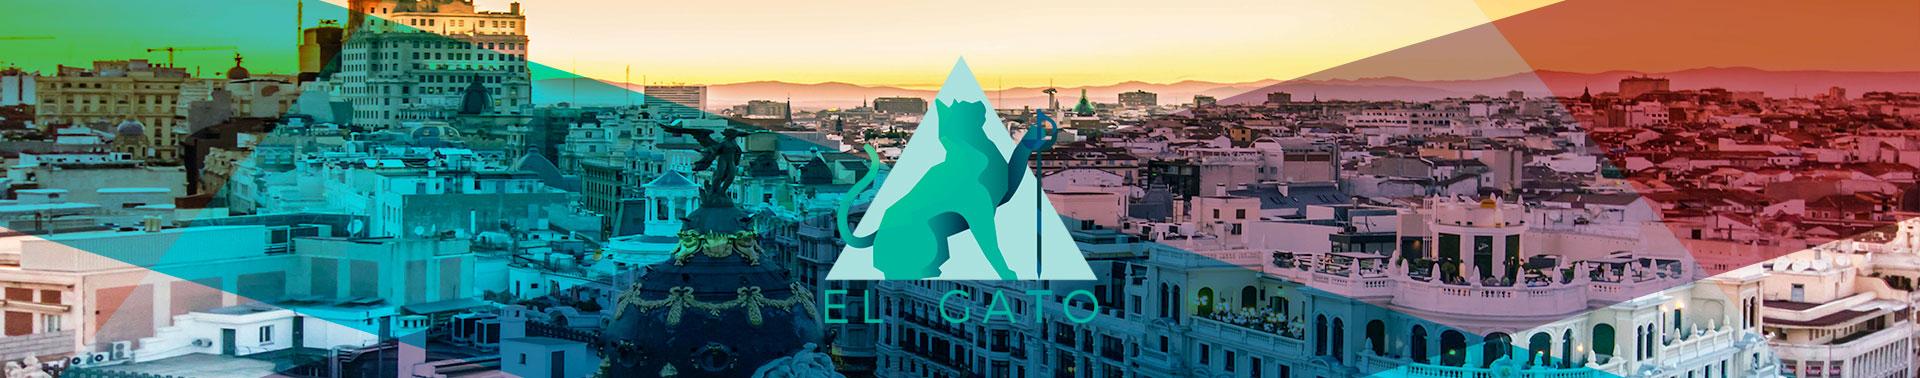 Cabecera de el Gato Esgrima en Madrid